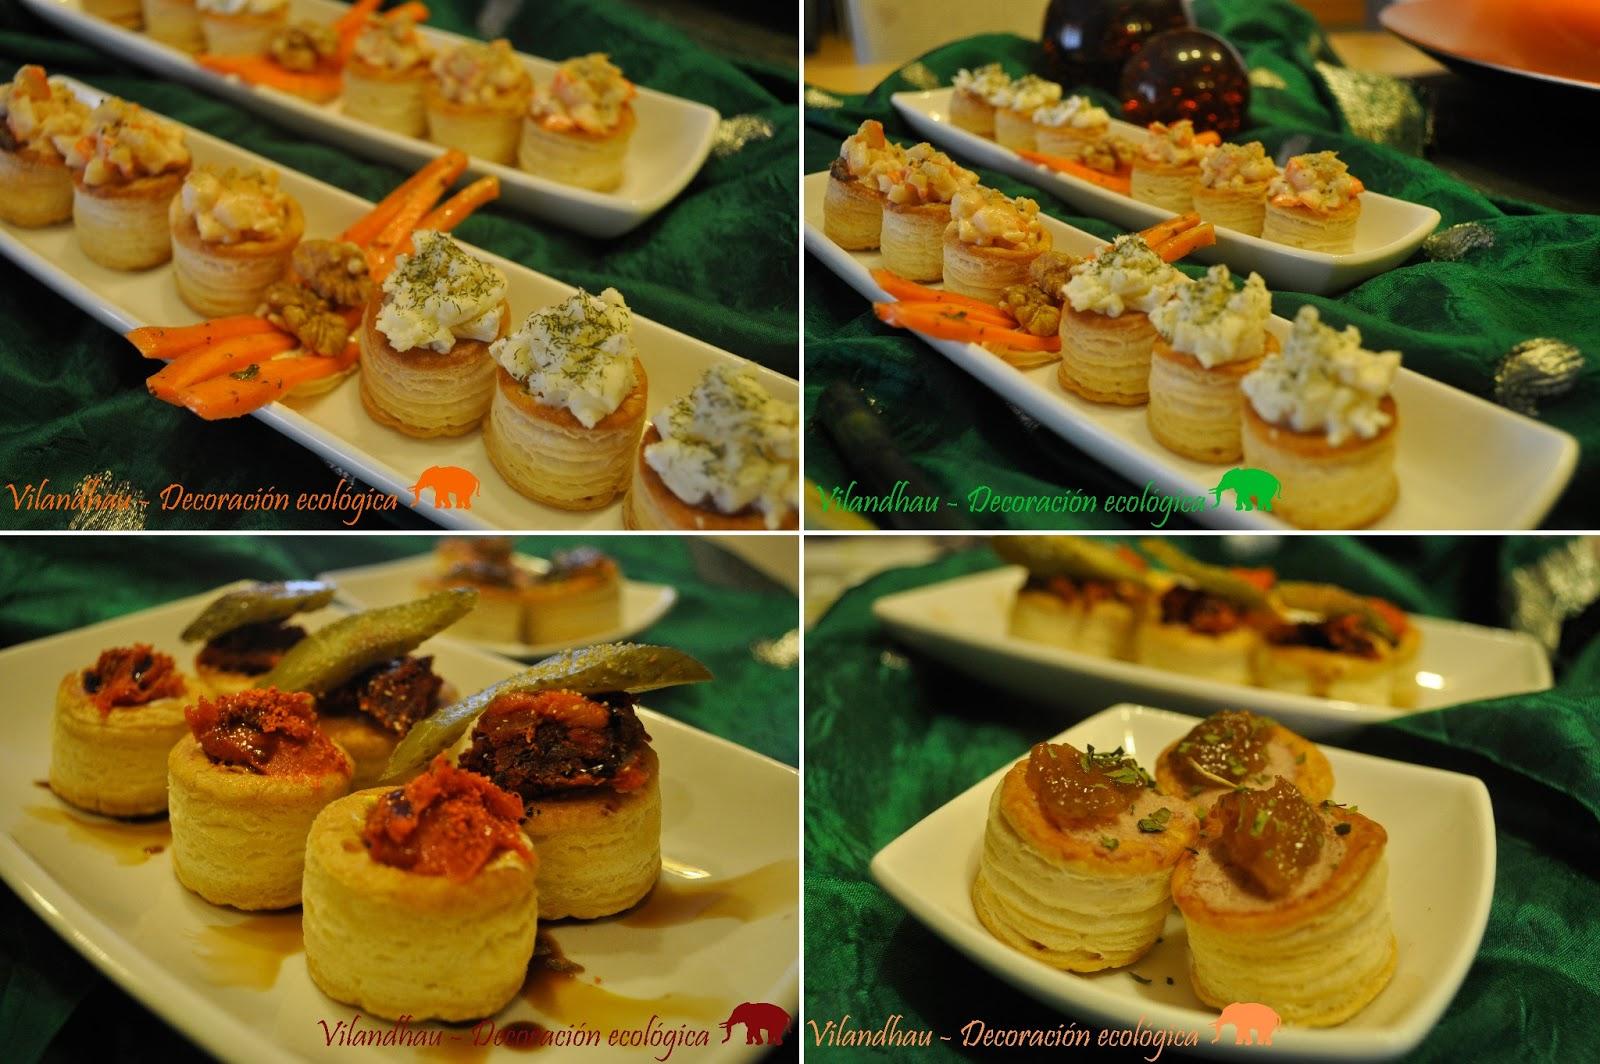 Vilandhau comida y cena especial de semana santa for Comida semana santa